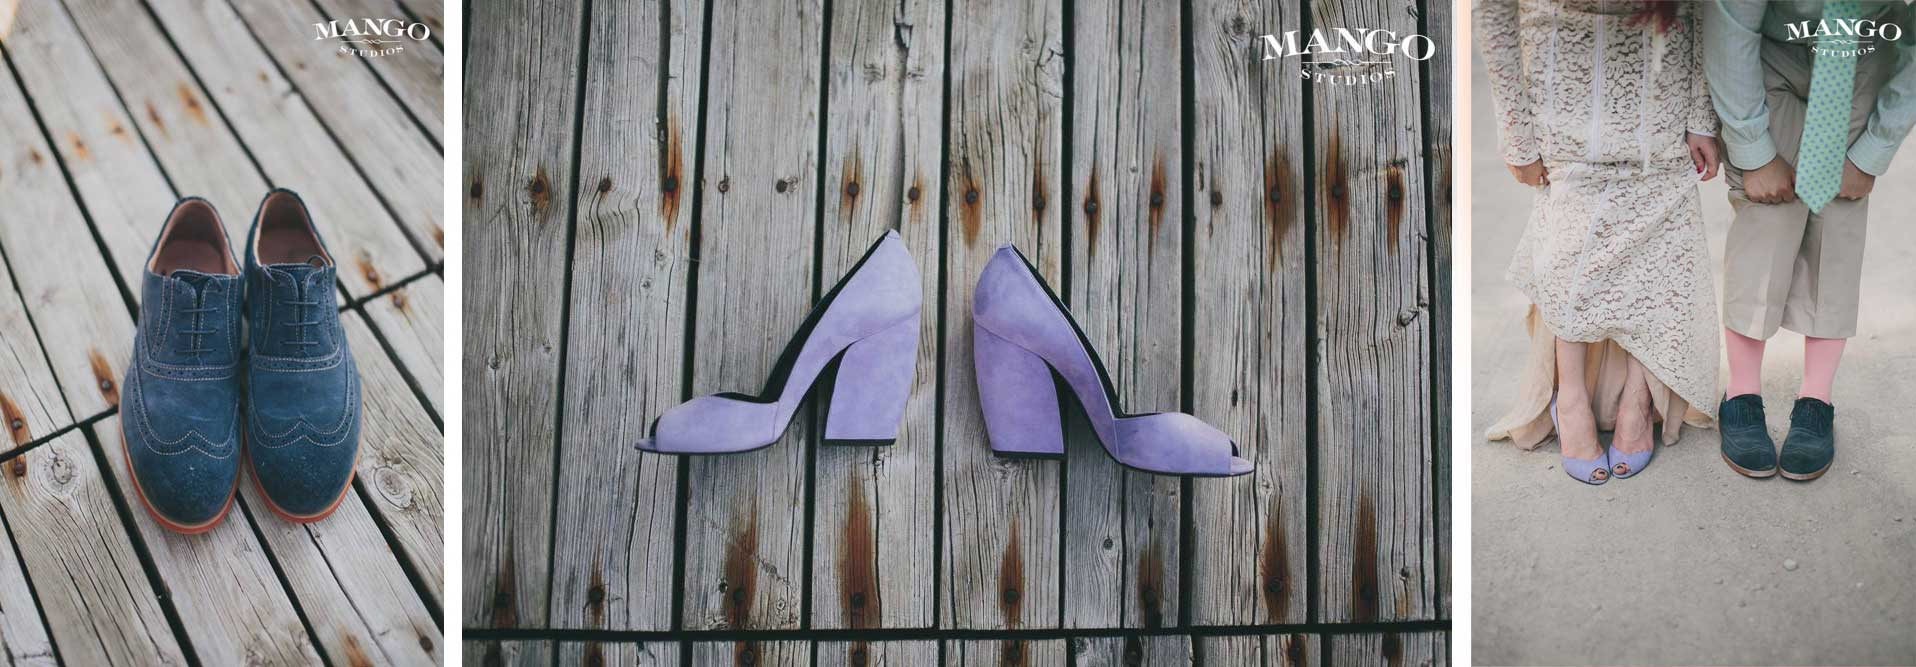 omg-wedding-shoes